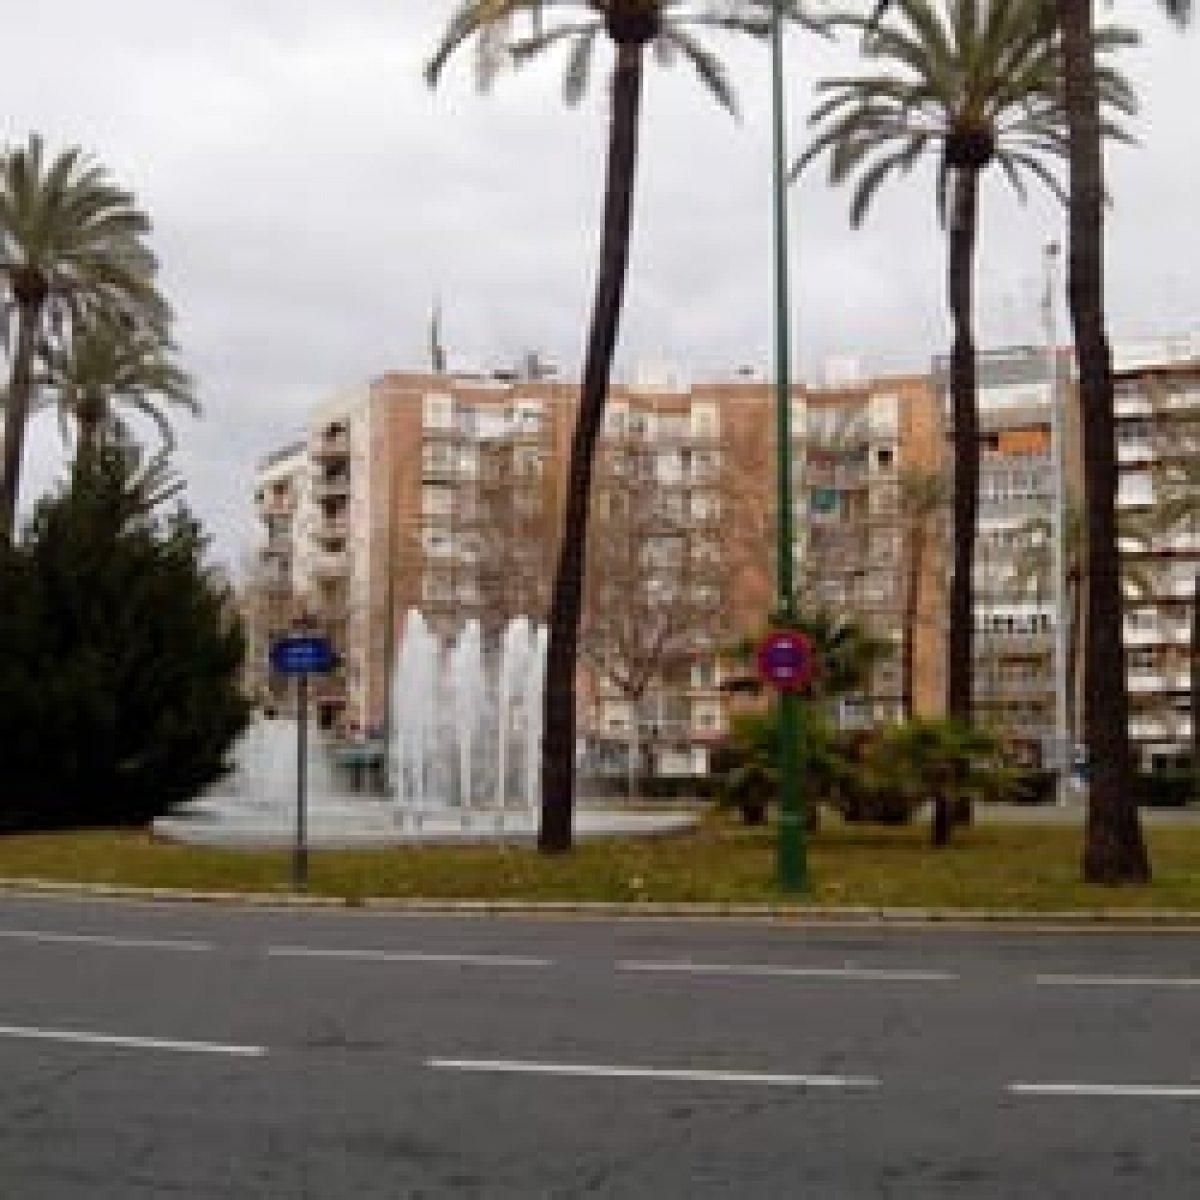 edificio en sevilla · gran-plaza-marques-de-pickman-ramon-y-c 499000€